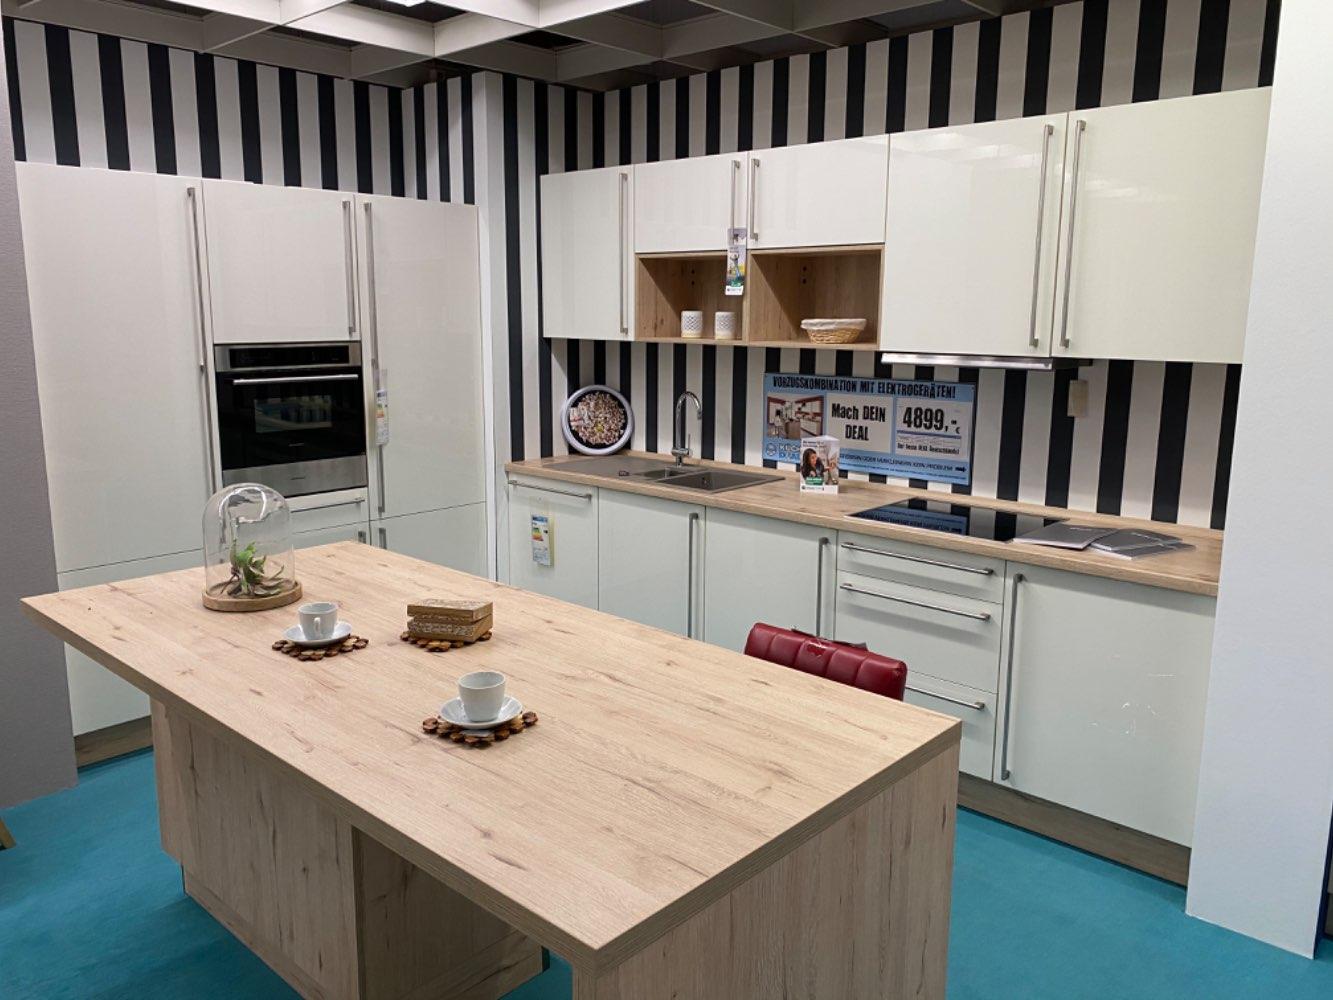 Einbauküche Rhodonit / Küche mit E-Geräten Top Deal Koje 17